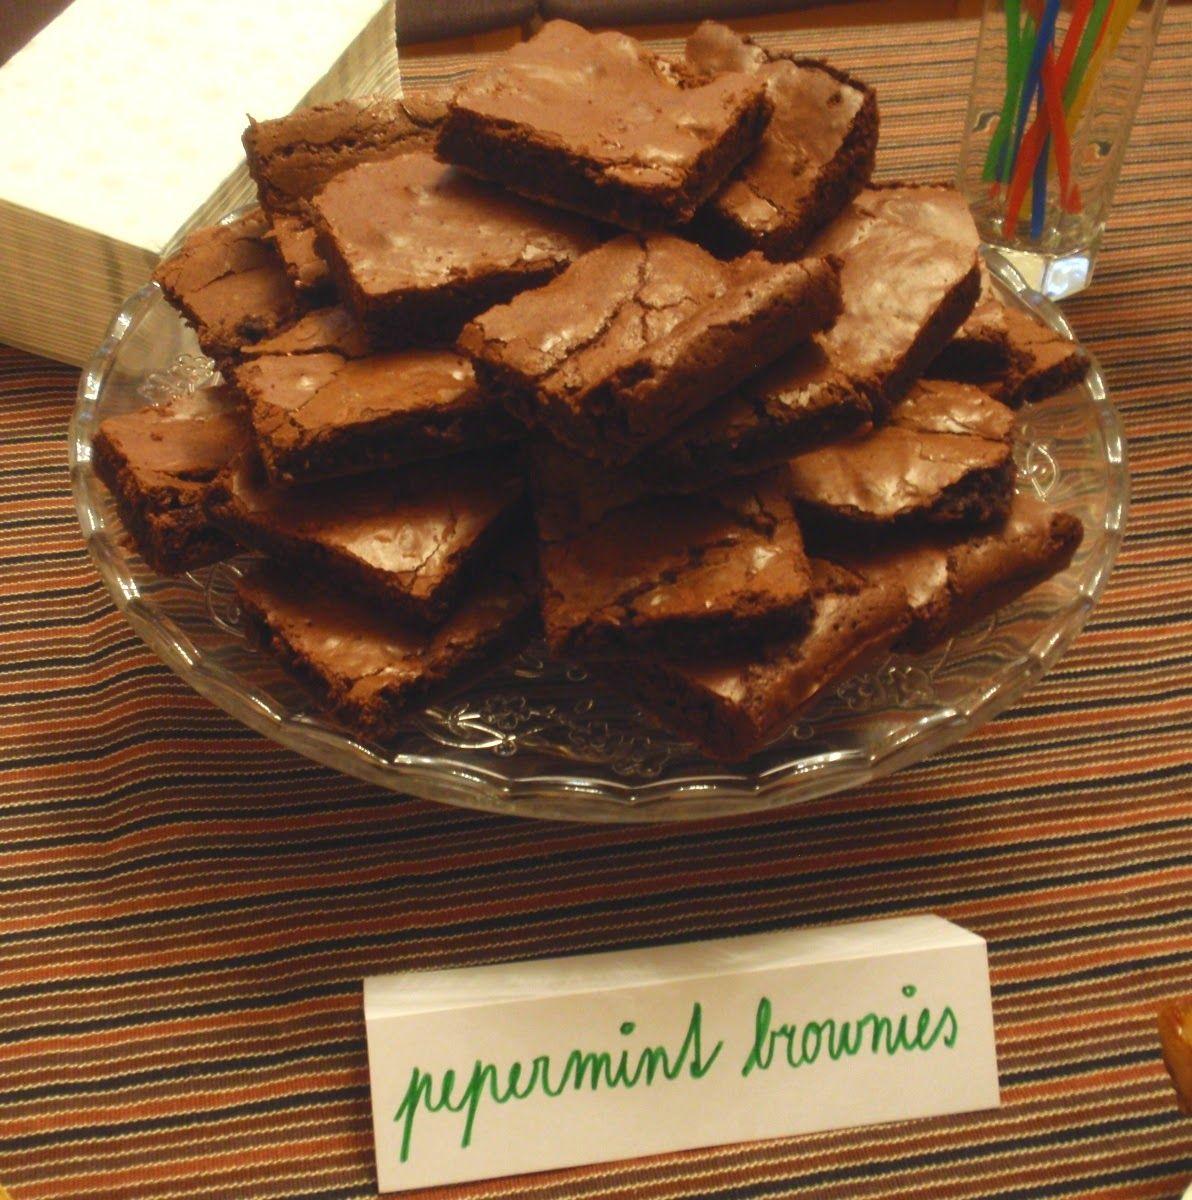 Ladies and gentlemen, predstavujem vám absolútnu tutovku! Keby si každý človek na zemi dal každý deň jeden kúsok týchto brownies, tak...